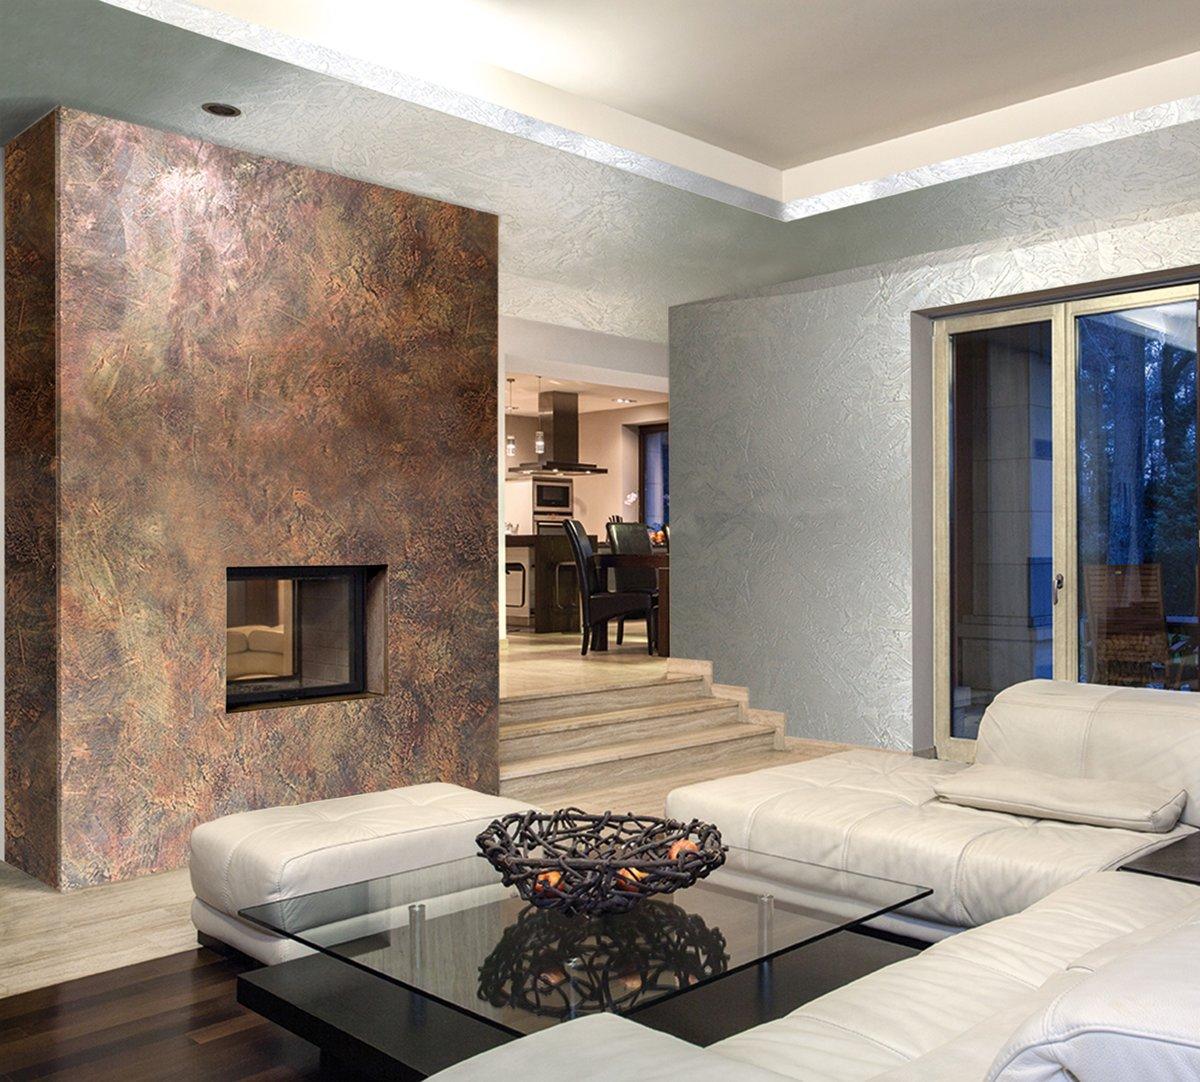 Декор стен в квартире: украшение декоративной штукатуркой и стеновыми панелями, фото